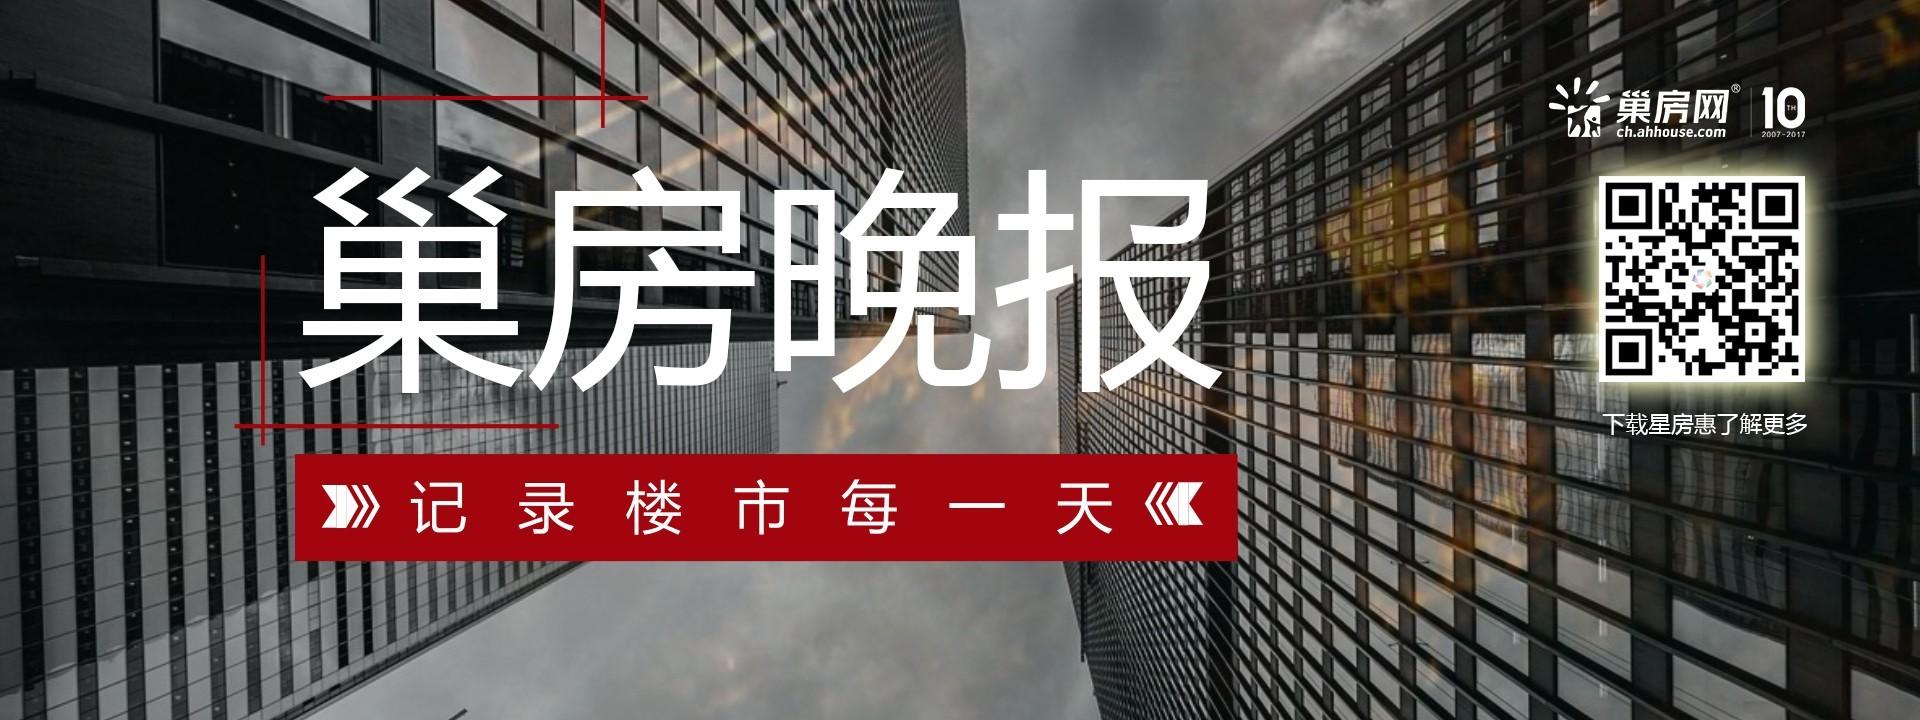 9月11日巢房网新闻晚报:投资9.11亿元建造跨巢湖大桥